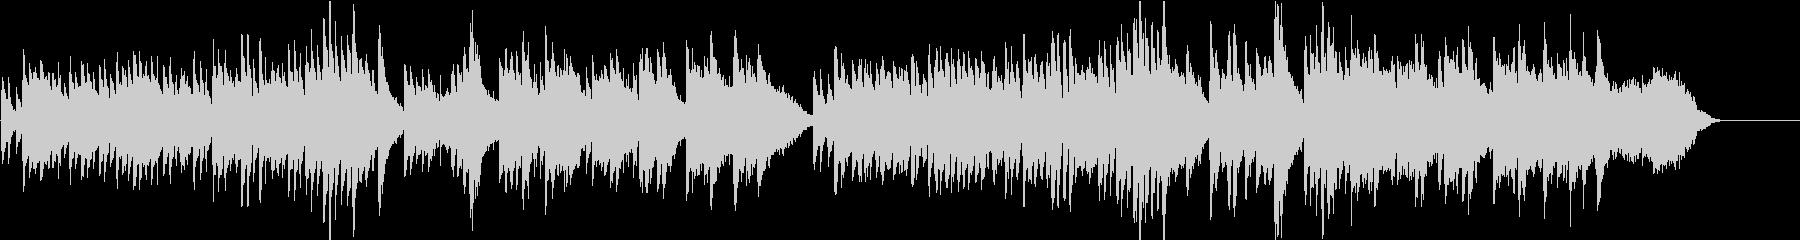 ゆったりと切ないピアノバラードの未再生の波形